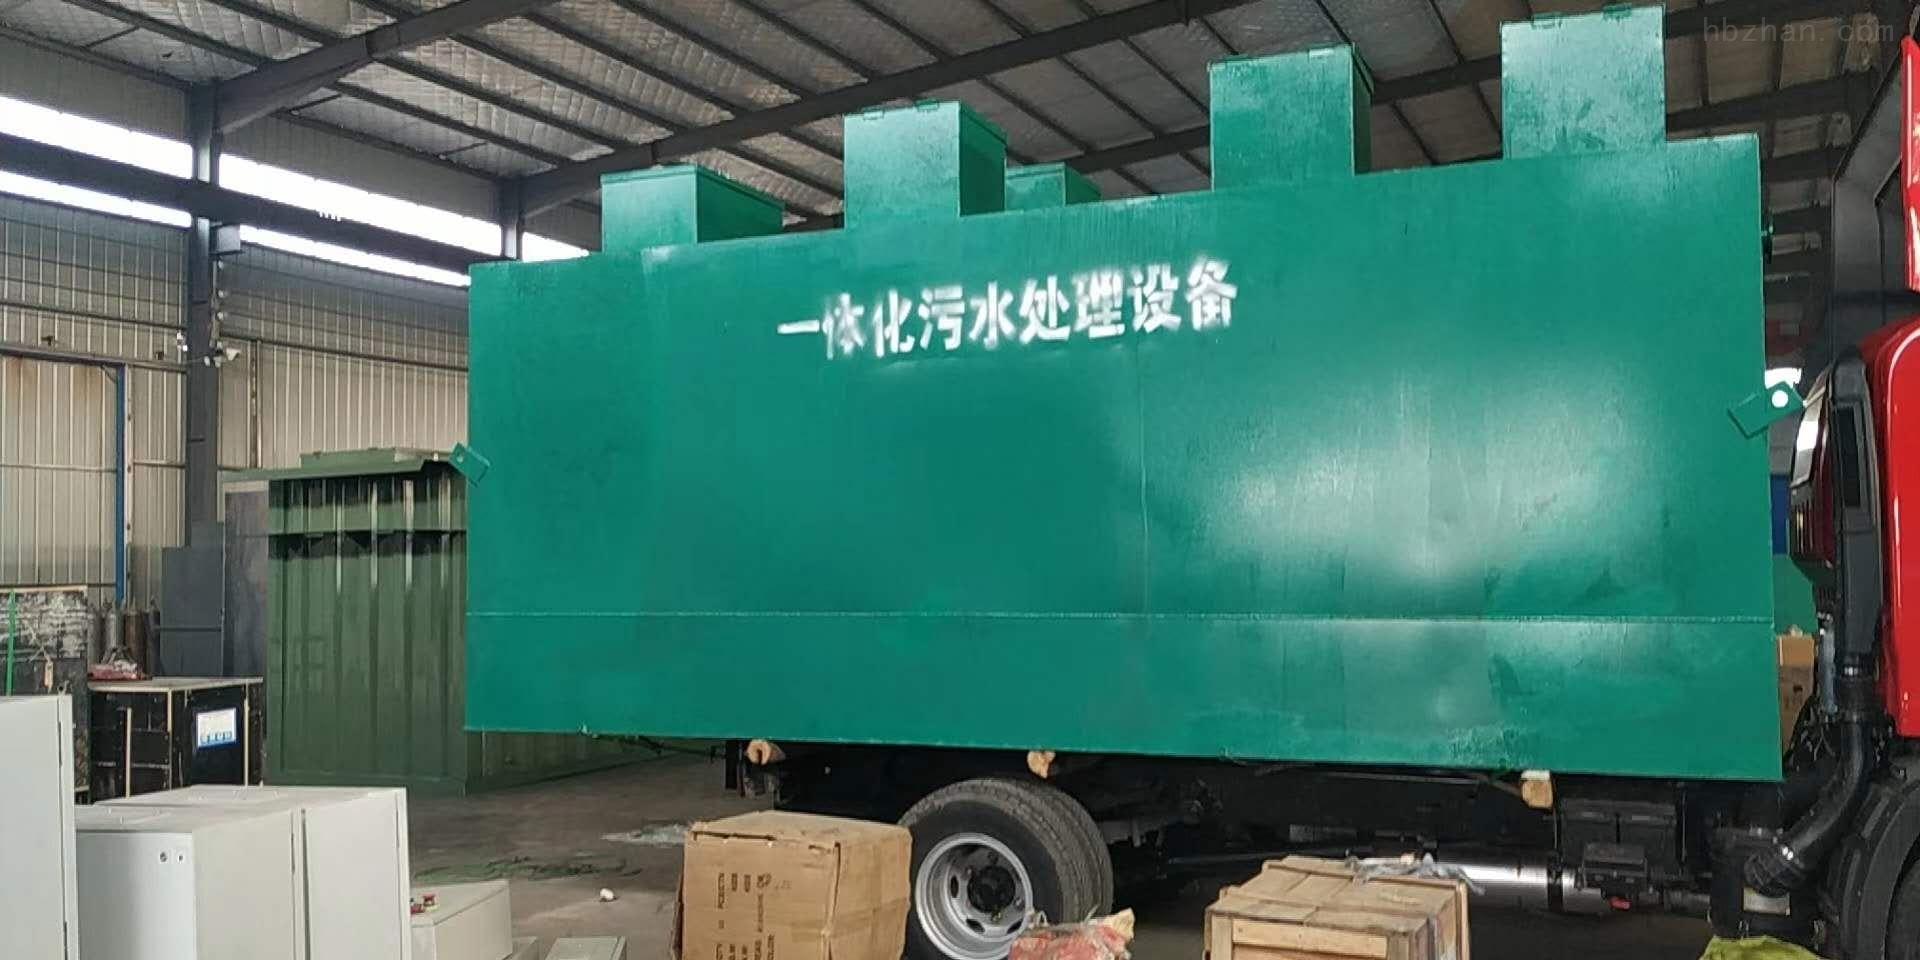 北京大兴养殖废水电话